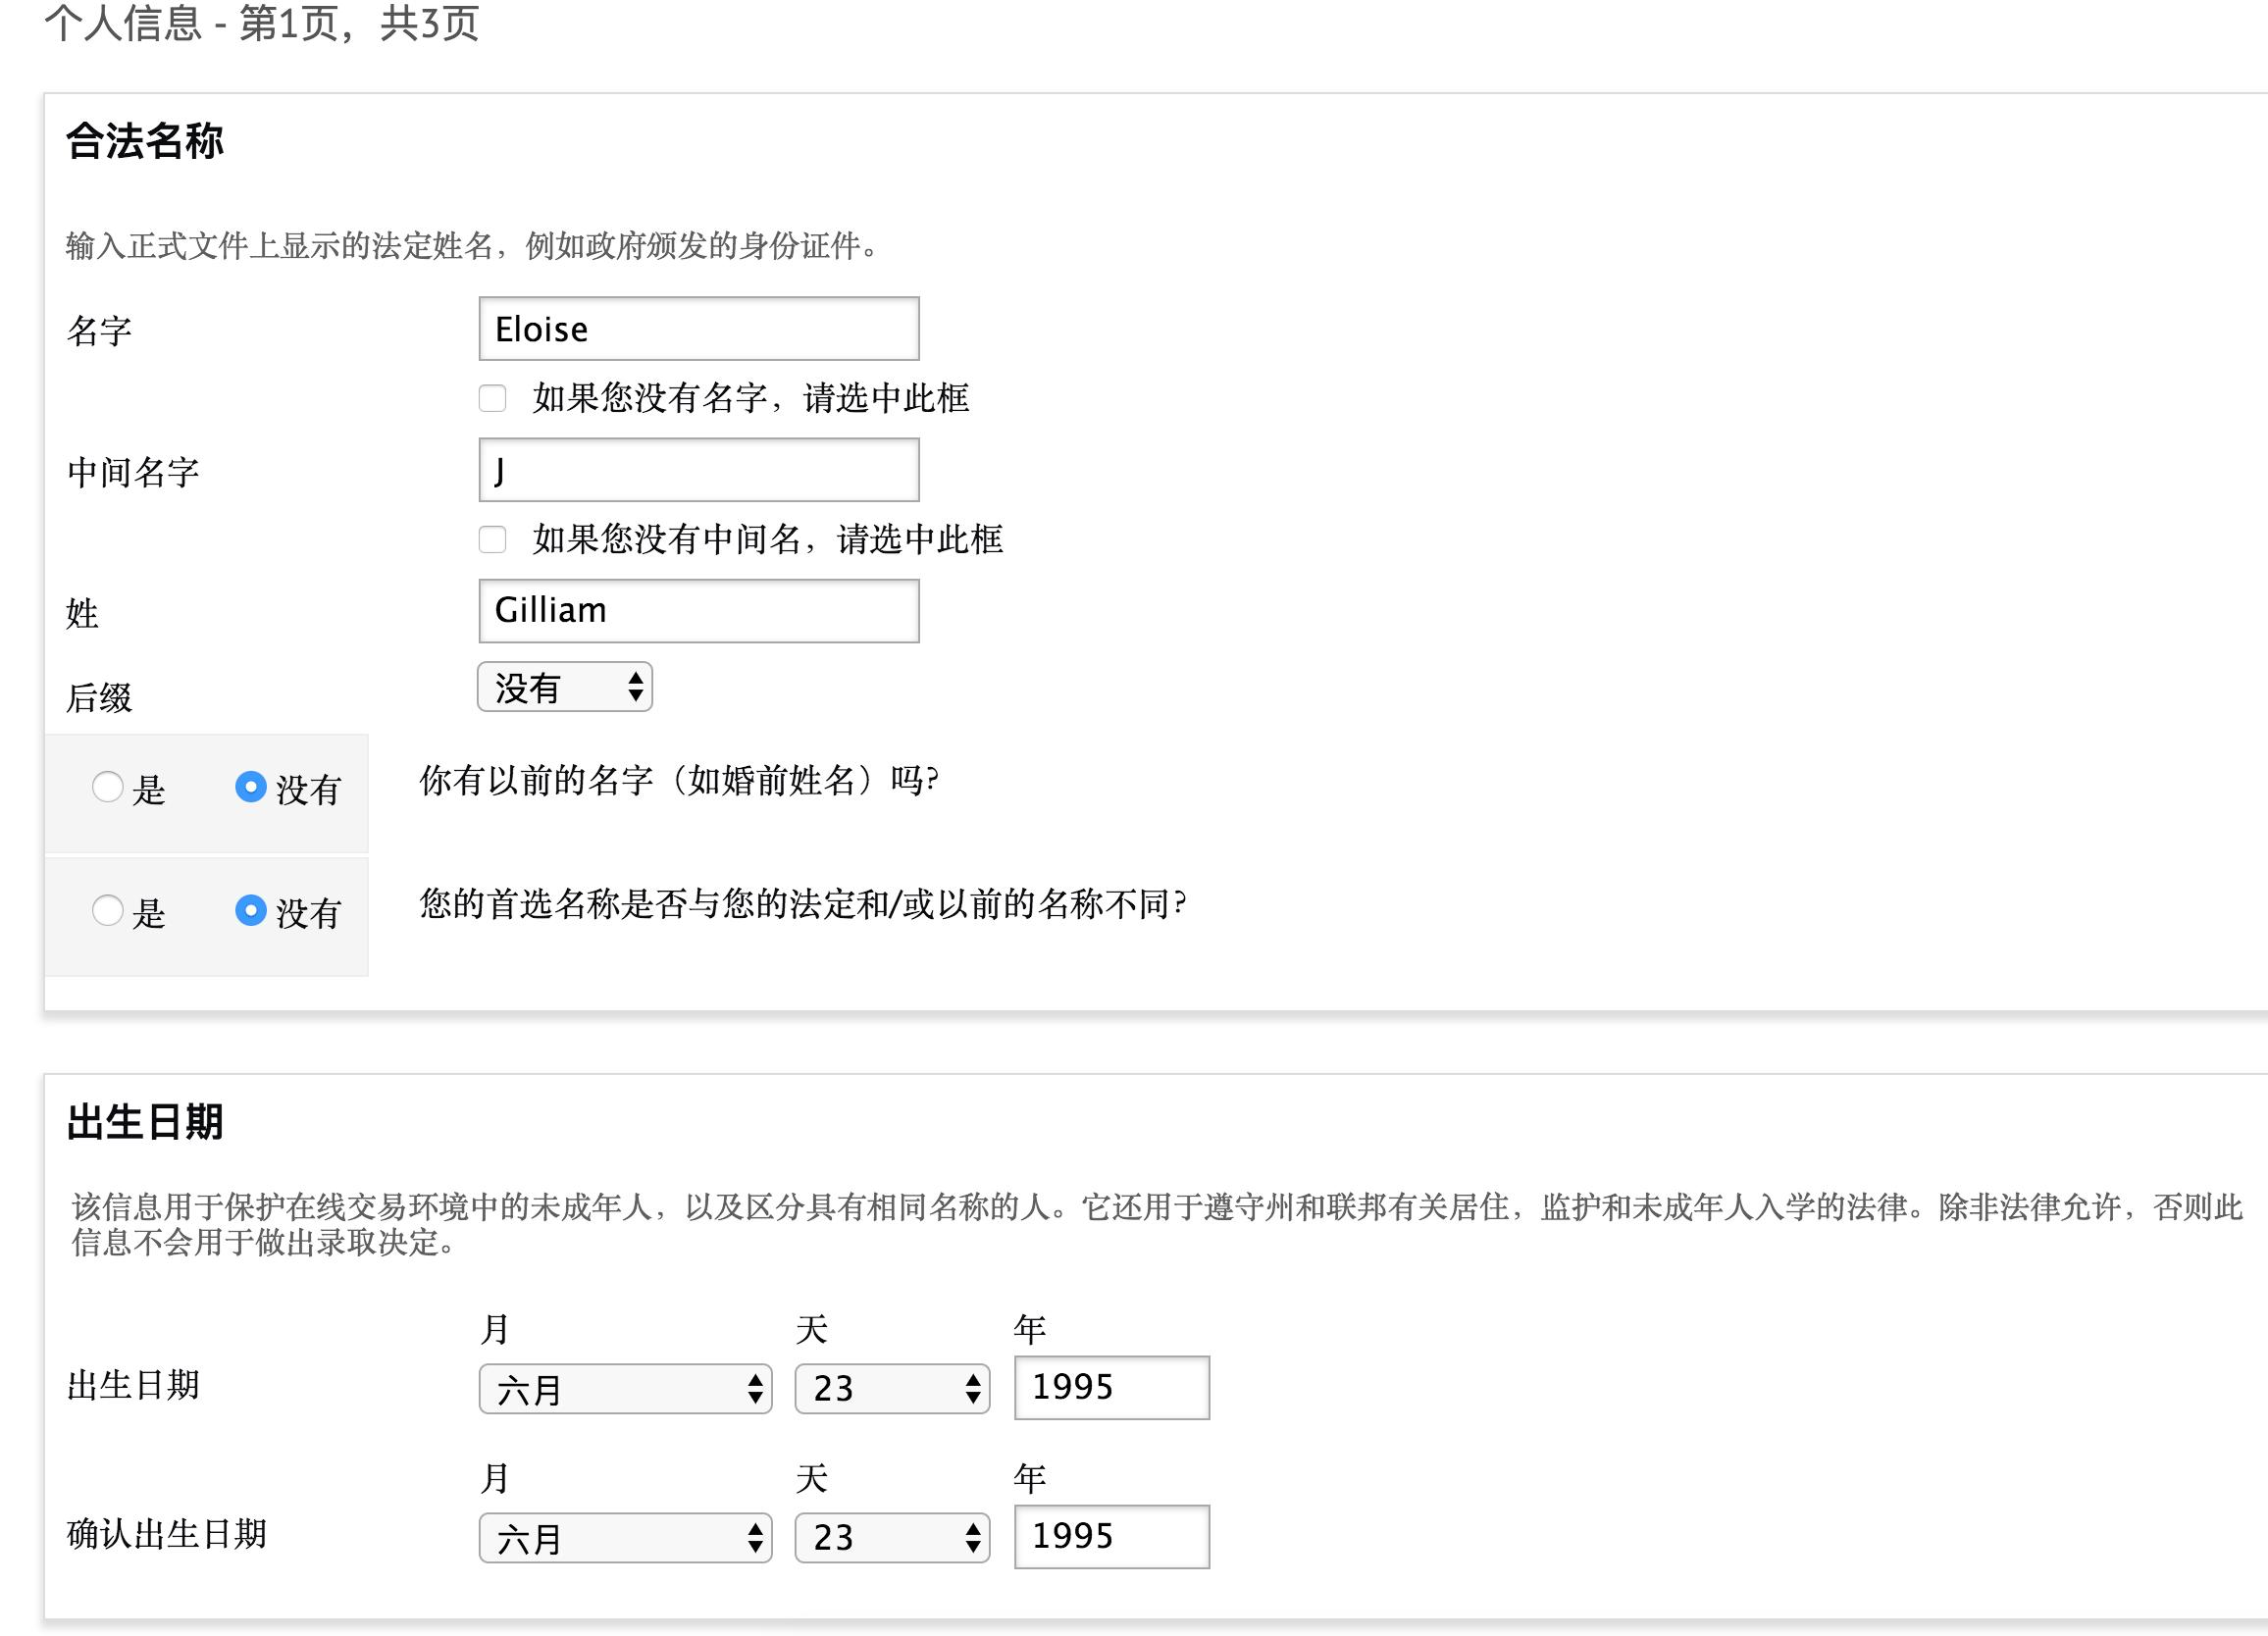 填入信息.png